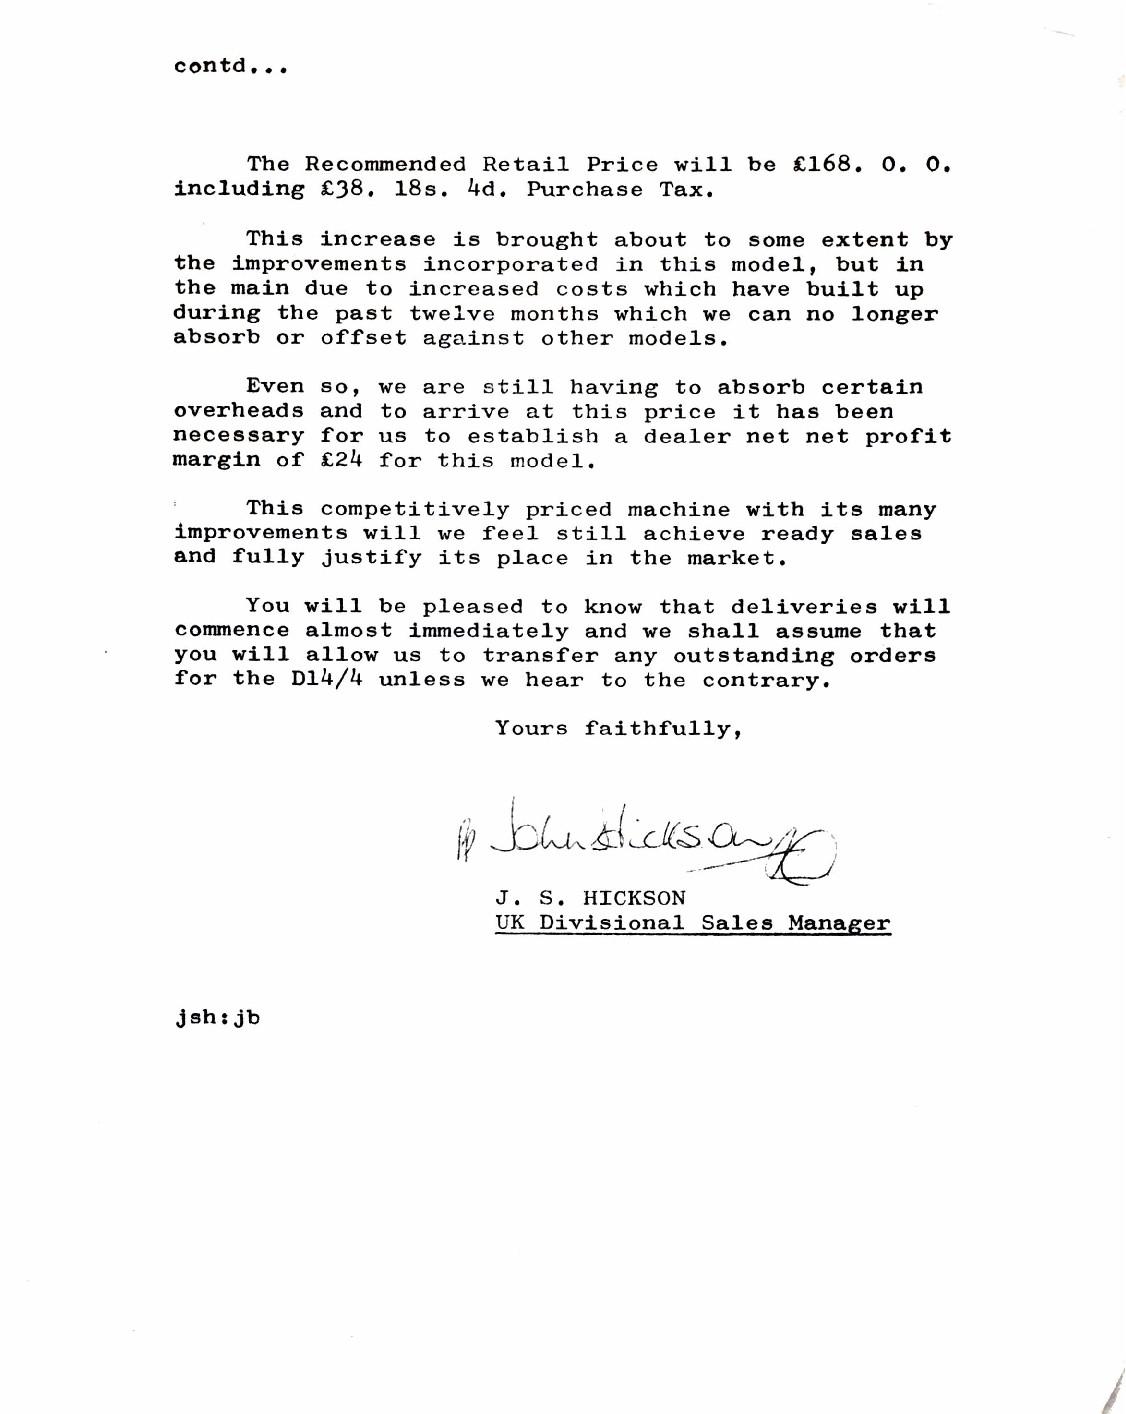 Bantam-B175-letter-to-dealers-18-April-19692.jpg